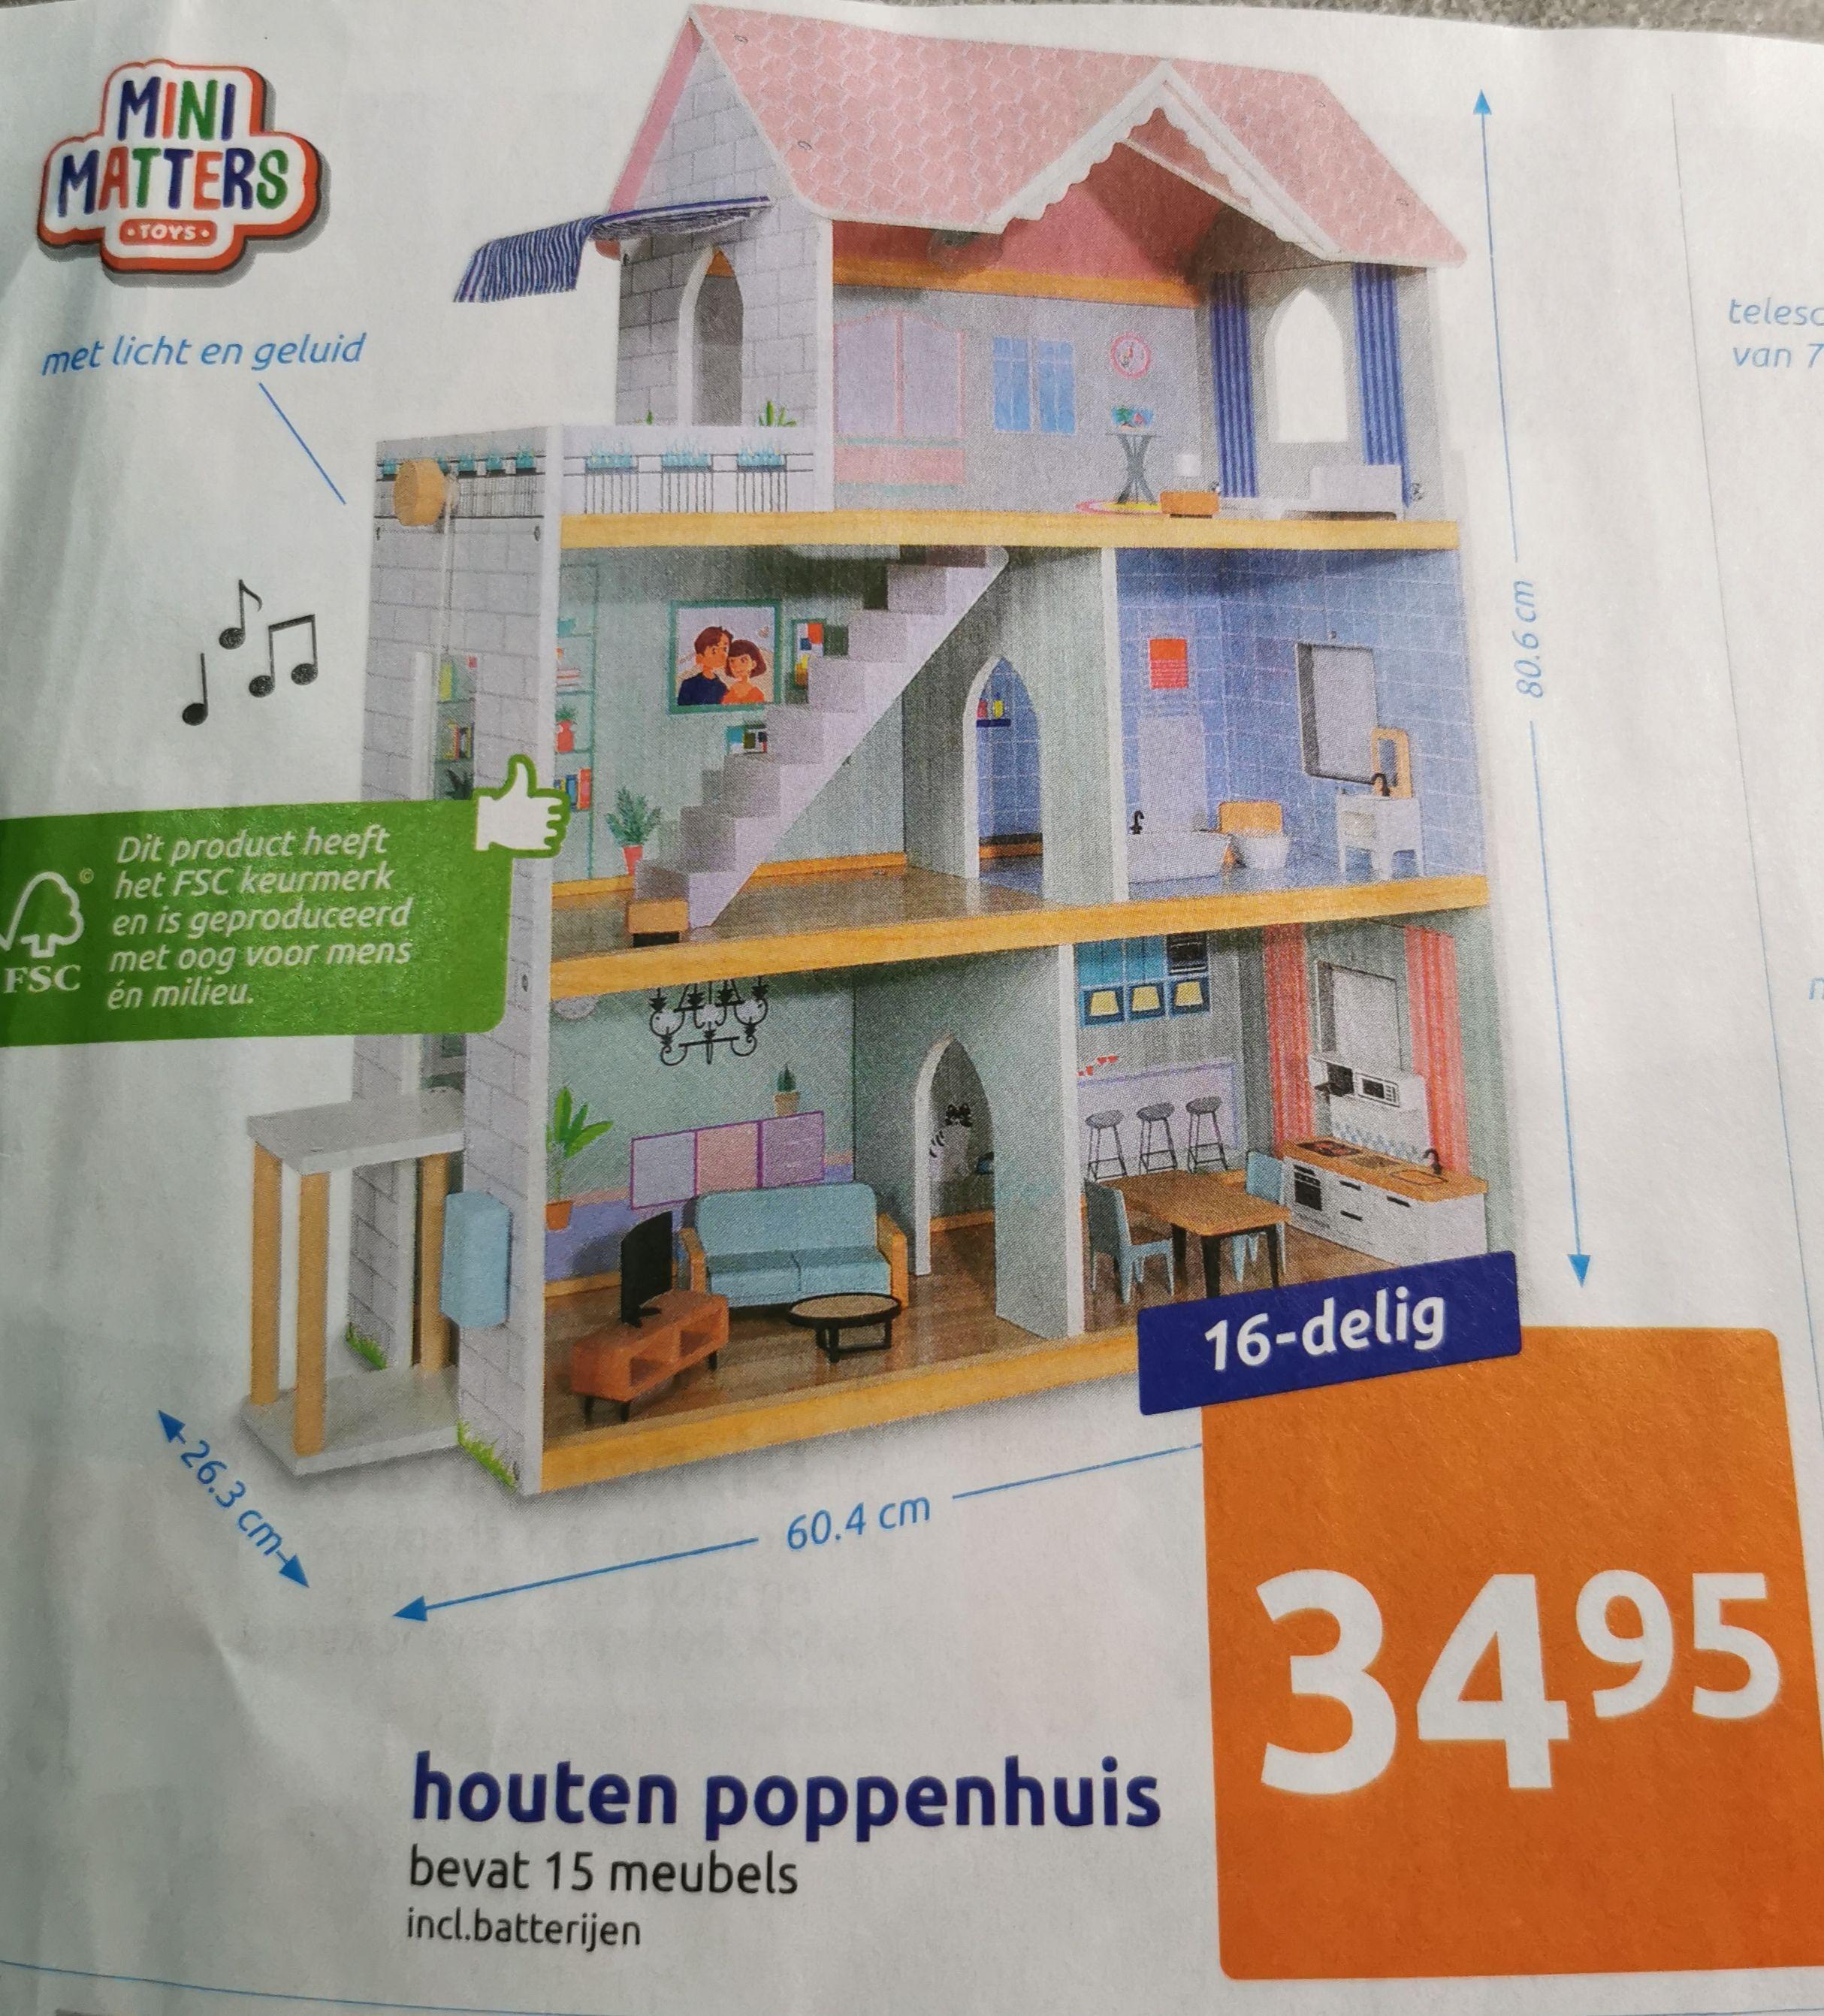 Houten poppenhuis (incl. 15 meubels, licht en geluid) bij Action